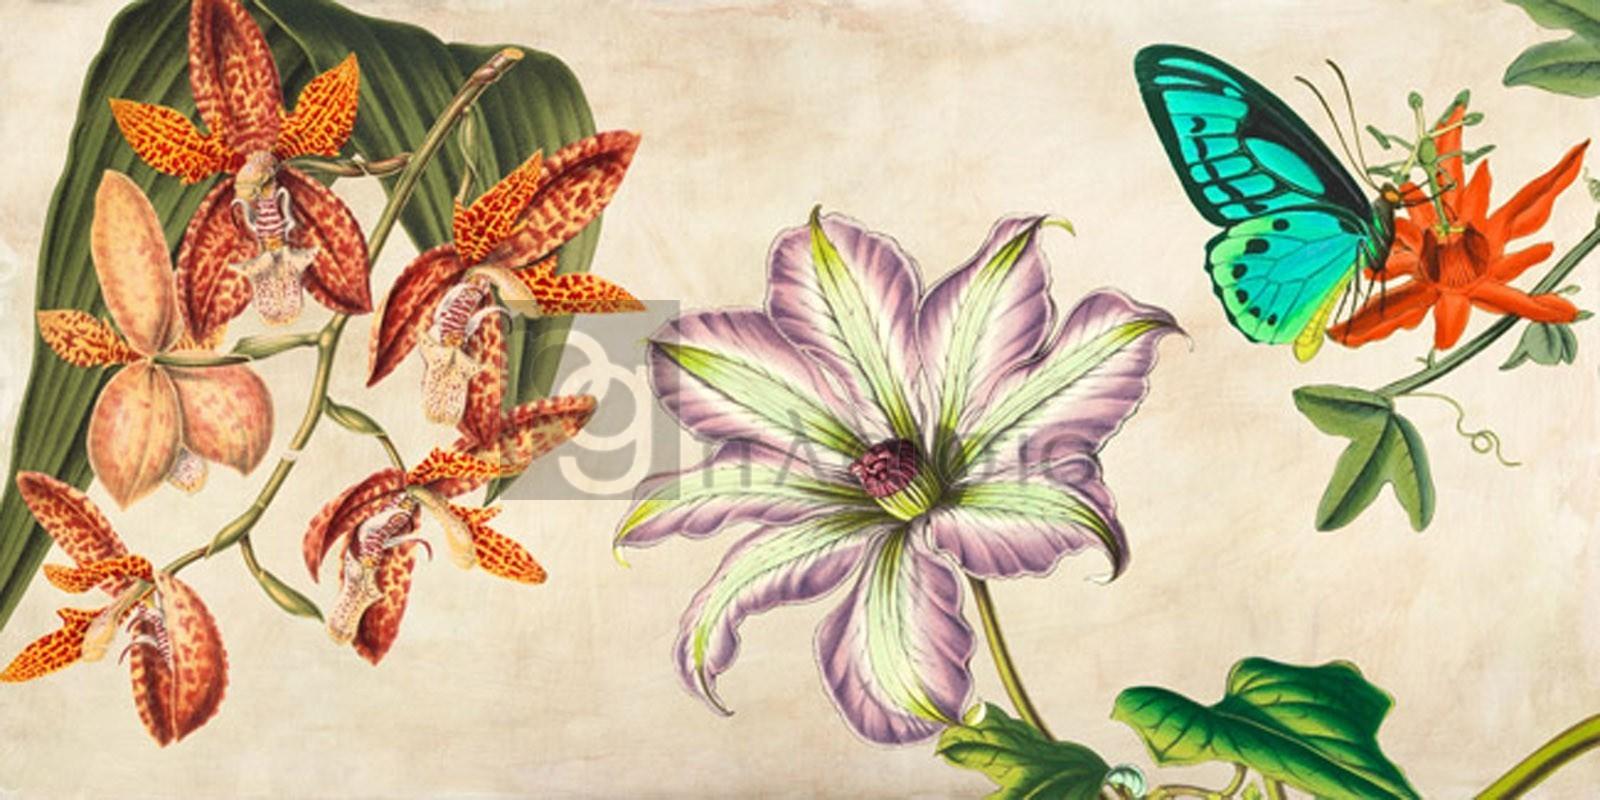 Remy Dellal - Panneau Botanique I